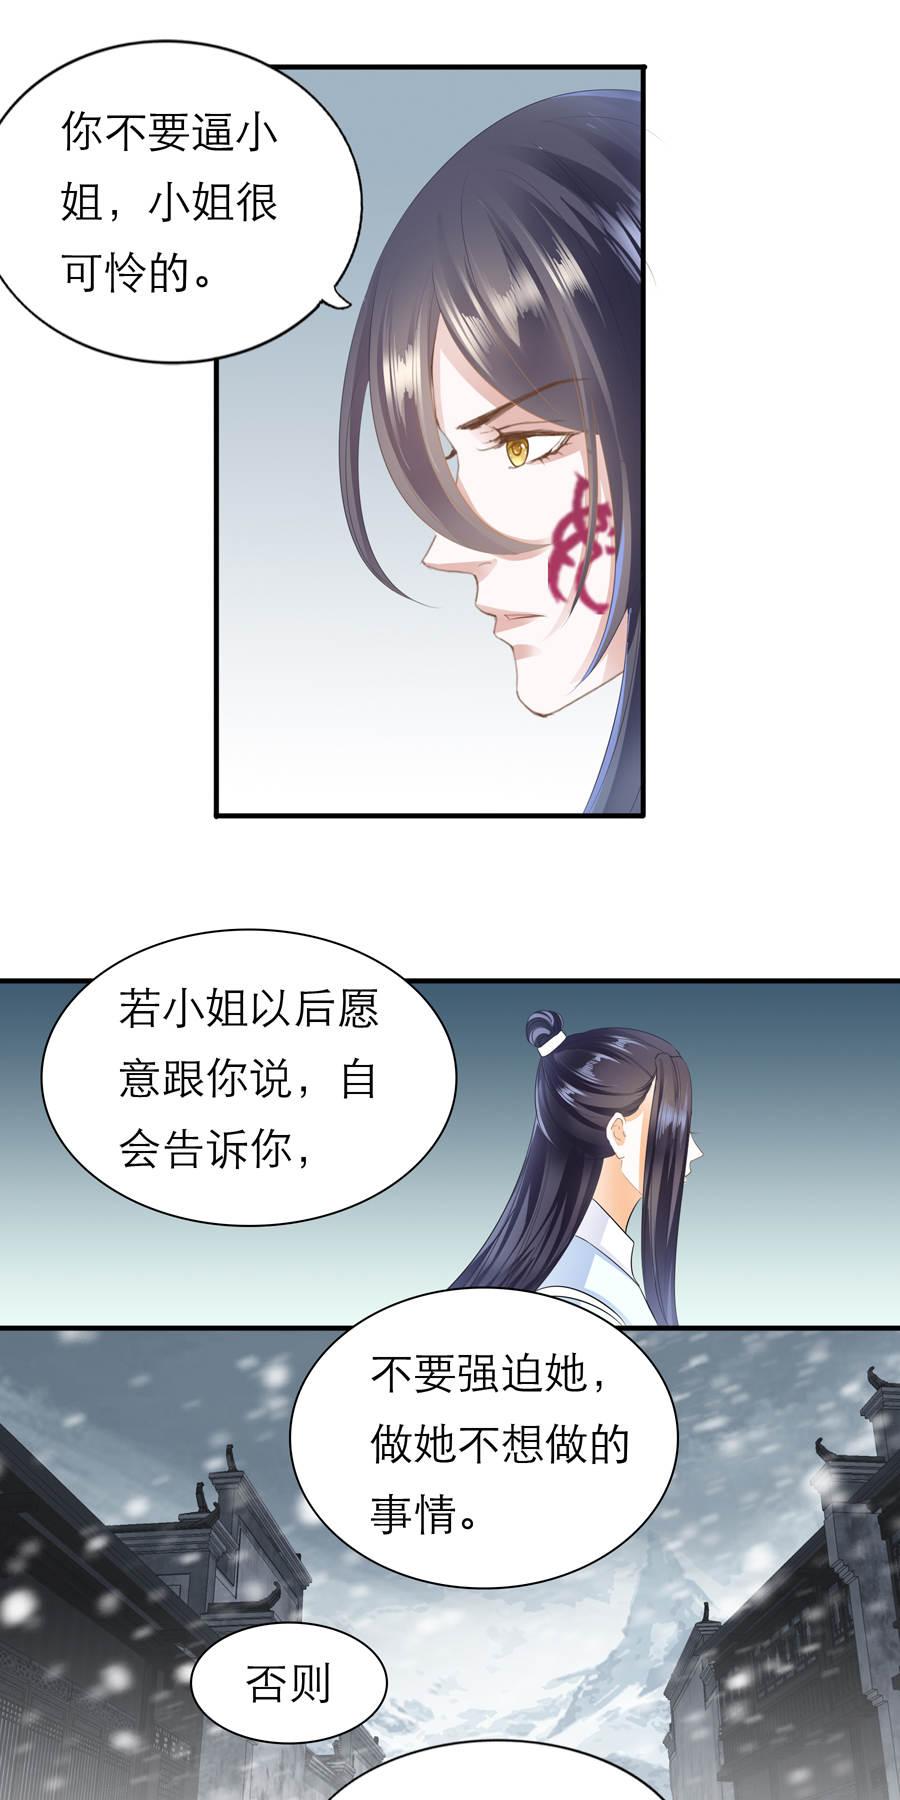 帝业第106话  肃杀之夜 第 7